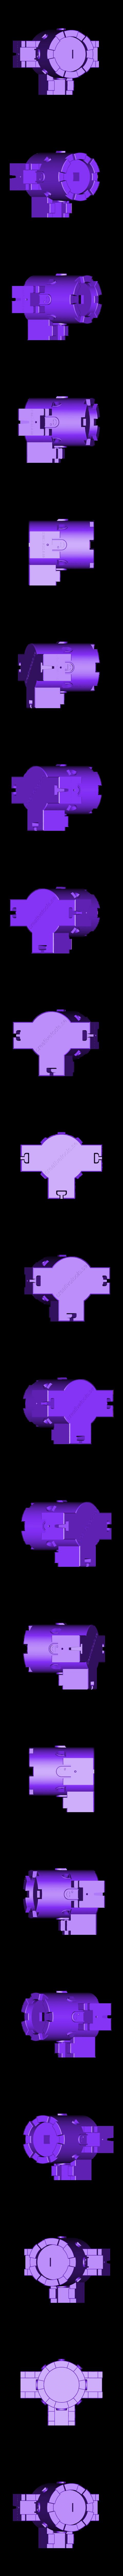 Round_Tower_T_Hollow_(Modular Castle Playset - 3D-printable)_By_CreativeTools.se.stl Télécharger fichier STL gratuit Plateau modulaire de château (imprimable en 3D) • Modèle à imprimer en 3D, CreativeTools